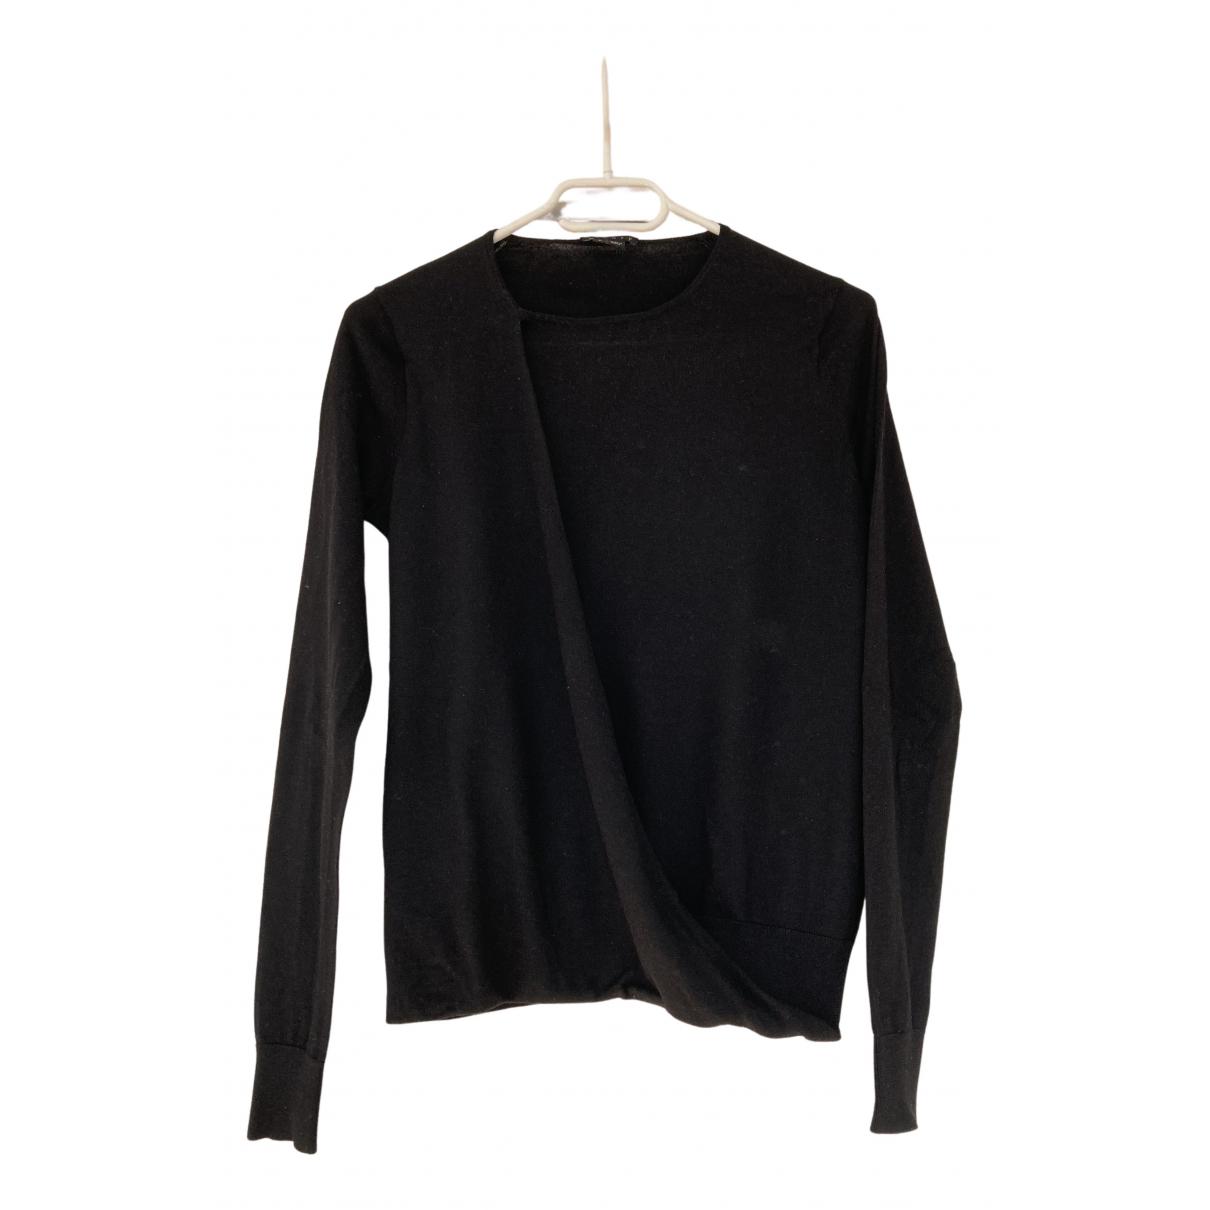 Theory N Black Wool Knitwear for Women S International